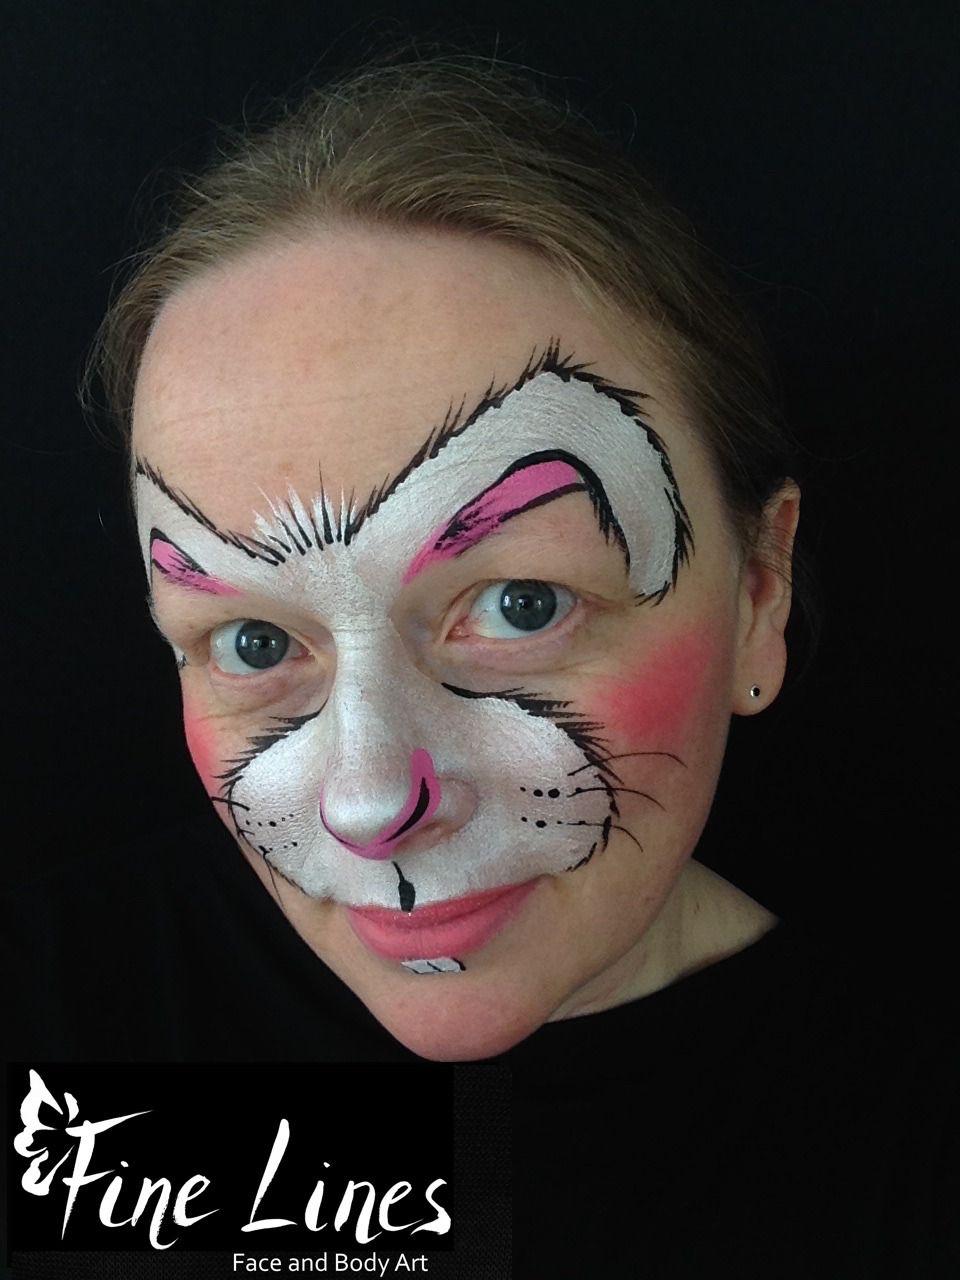 Rabbit face painting Leipzig-  Hase Kinderschminken Leipzig , Fine Lines Face and Body Art  Kinderschminken Leipzig